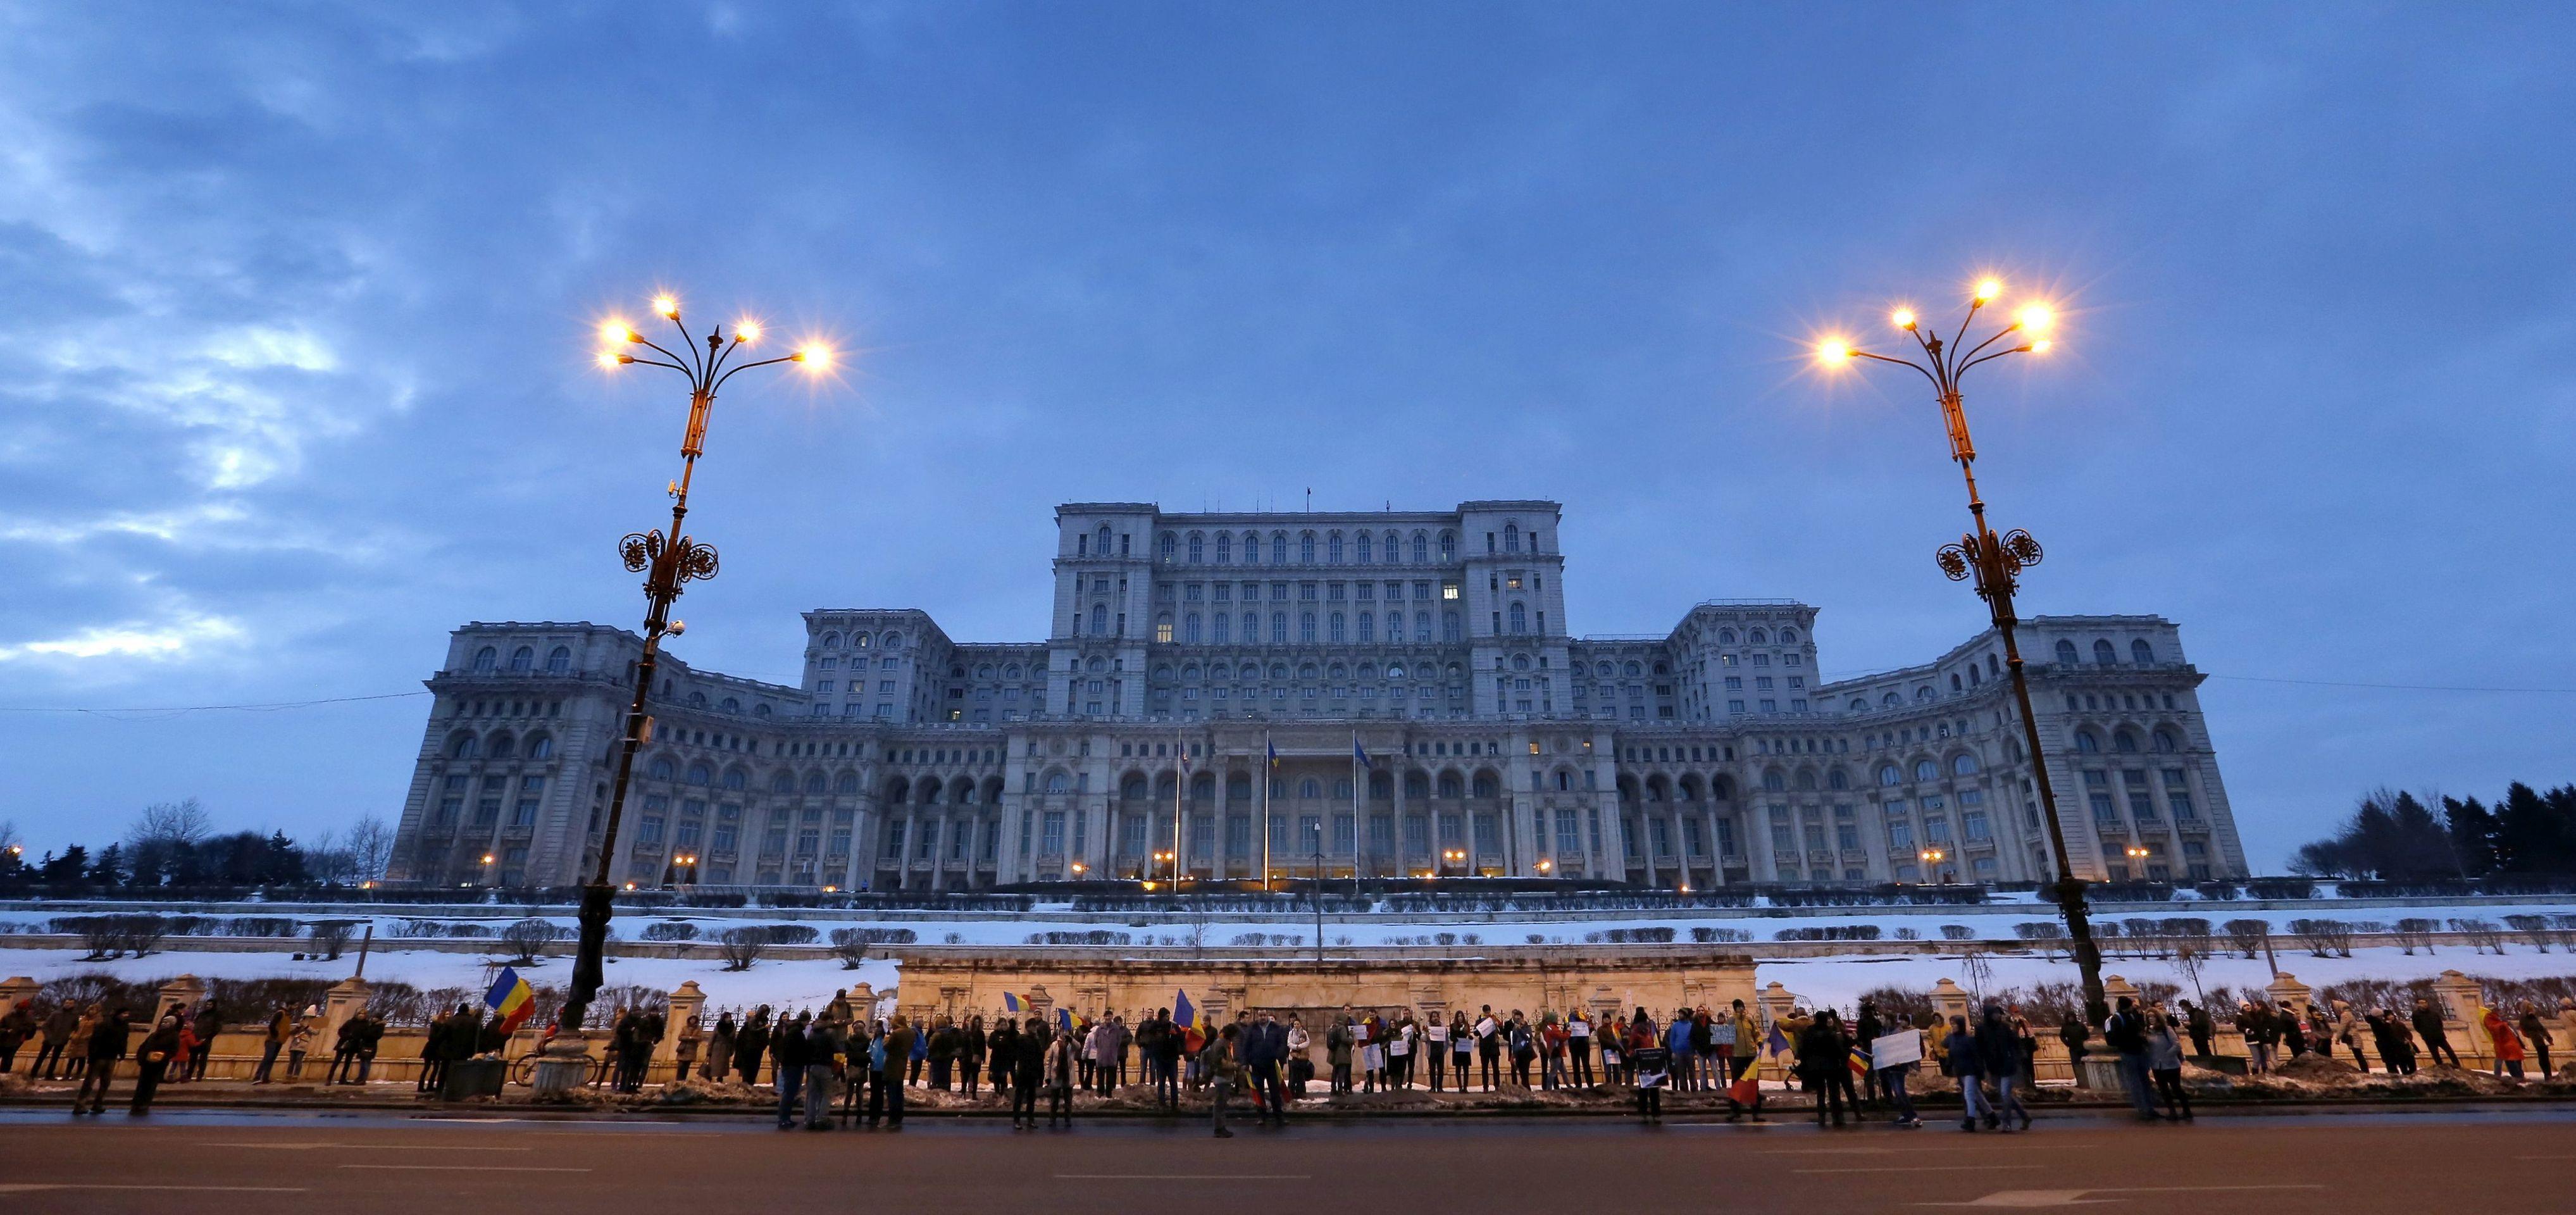 Rumunjska povukla spornu uredbu koja je dekriminalizirala neke koruptivne radnje